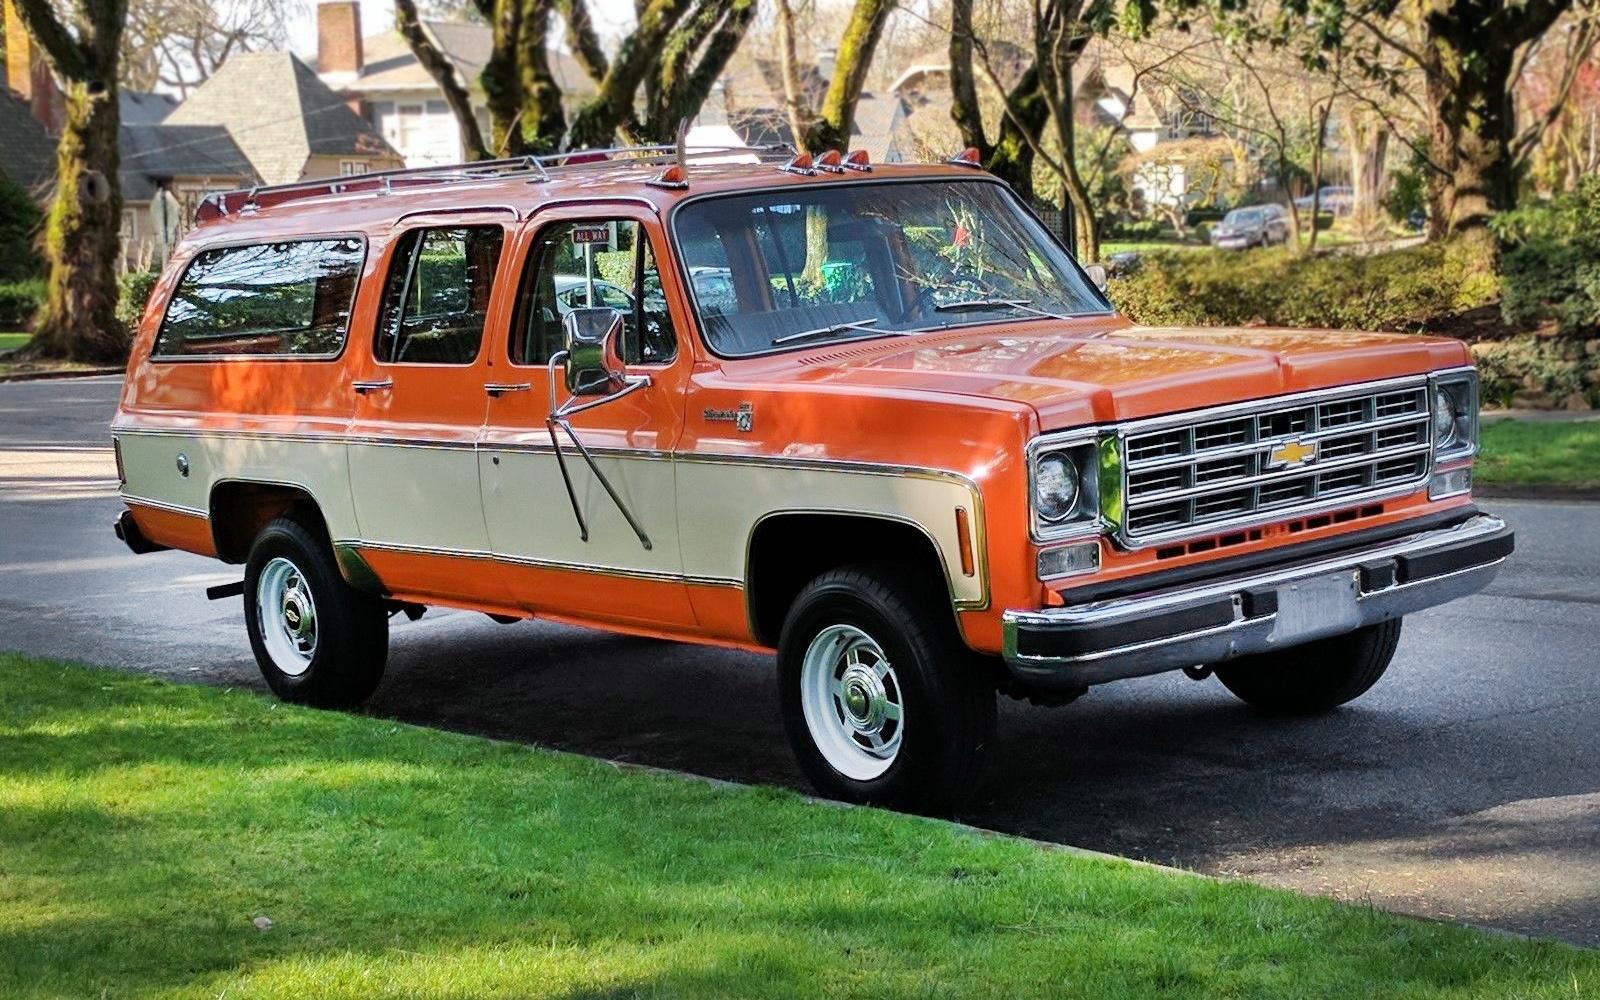 2017 Chevy Silverado >> Sweet Silverado: 1977 Chevrolet K20 Suburban